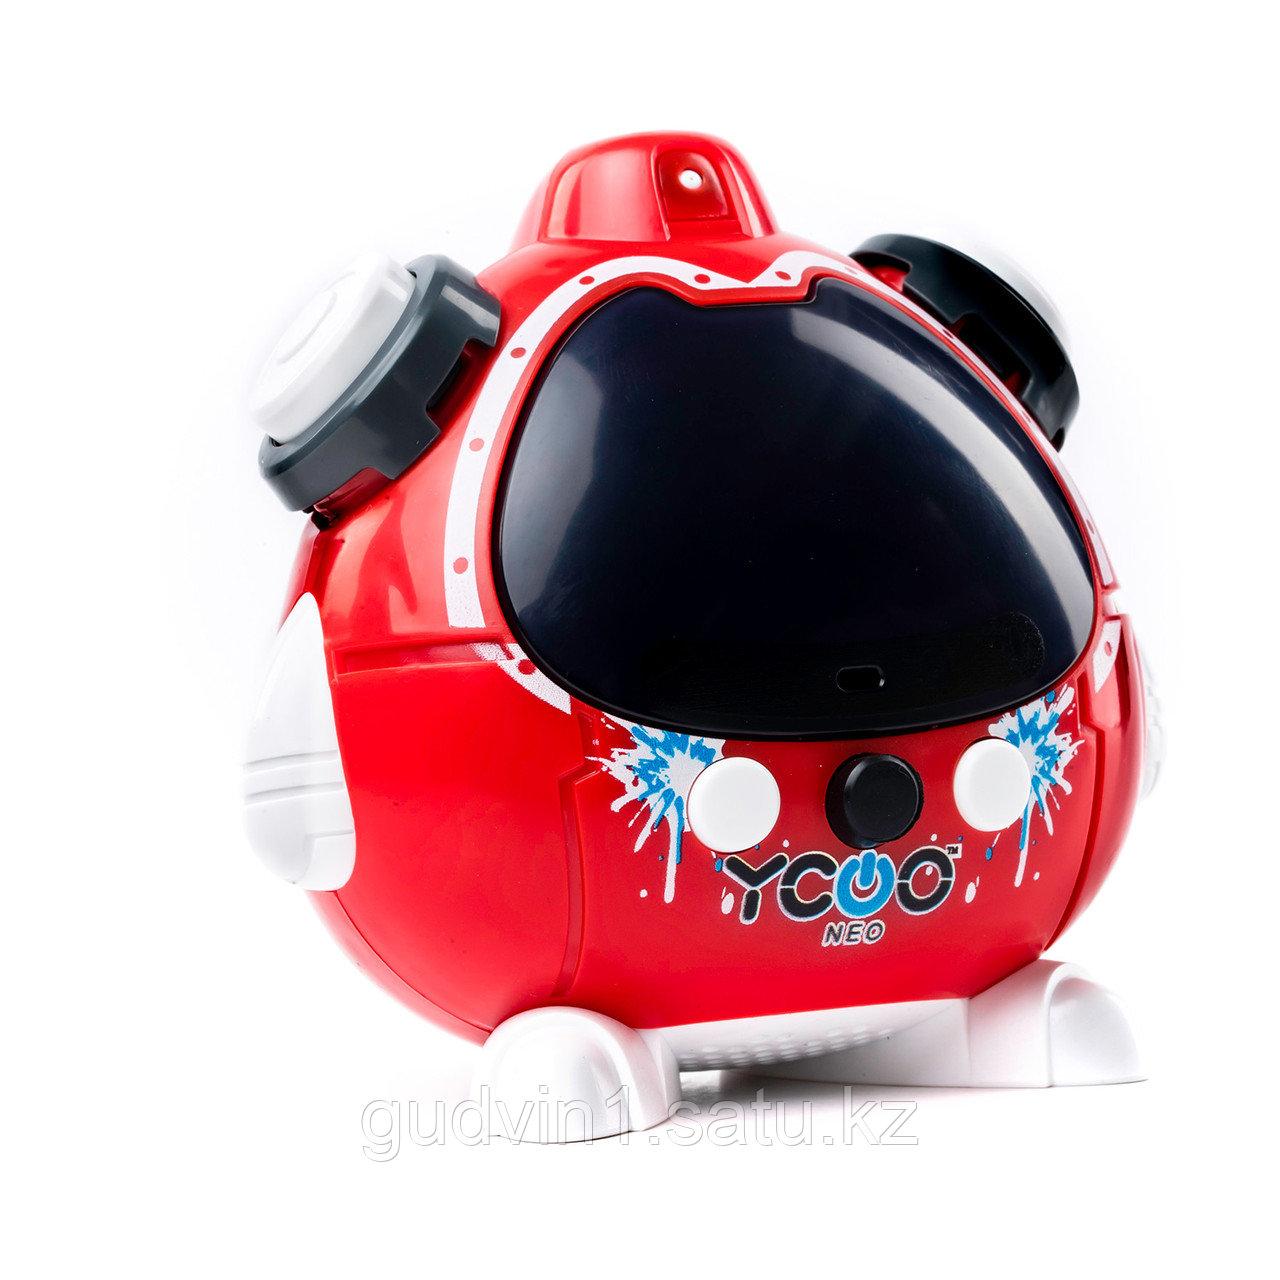 Робот Квизи красный 88574-1